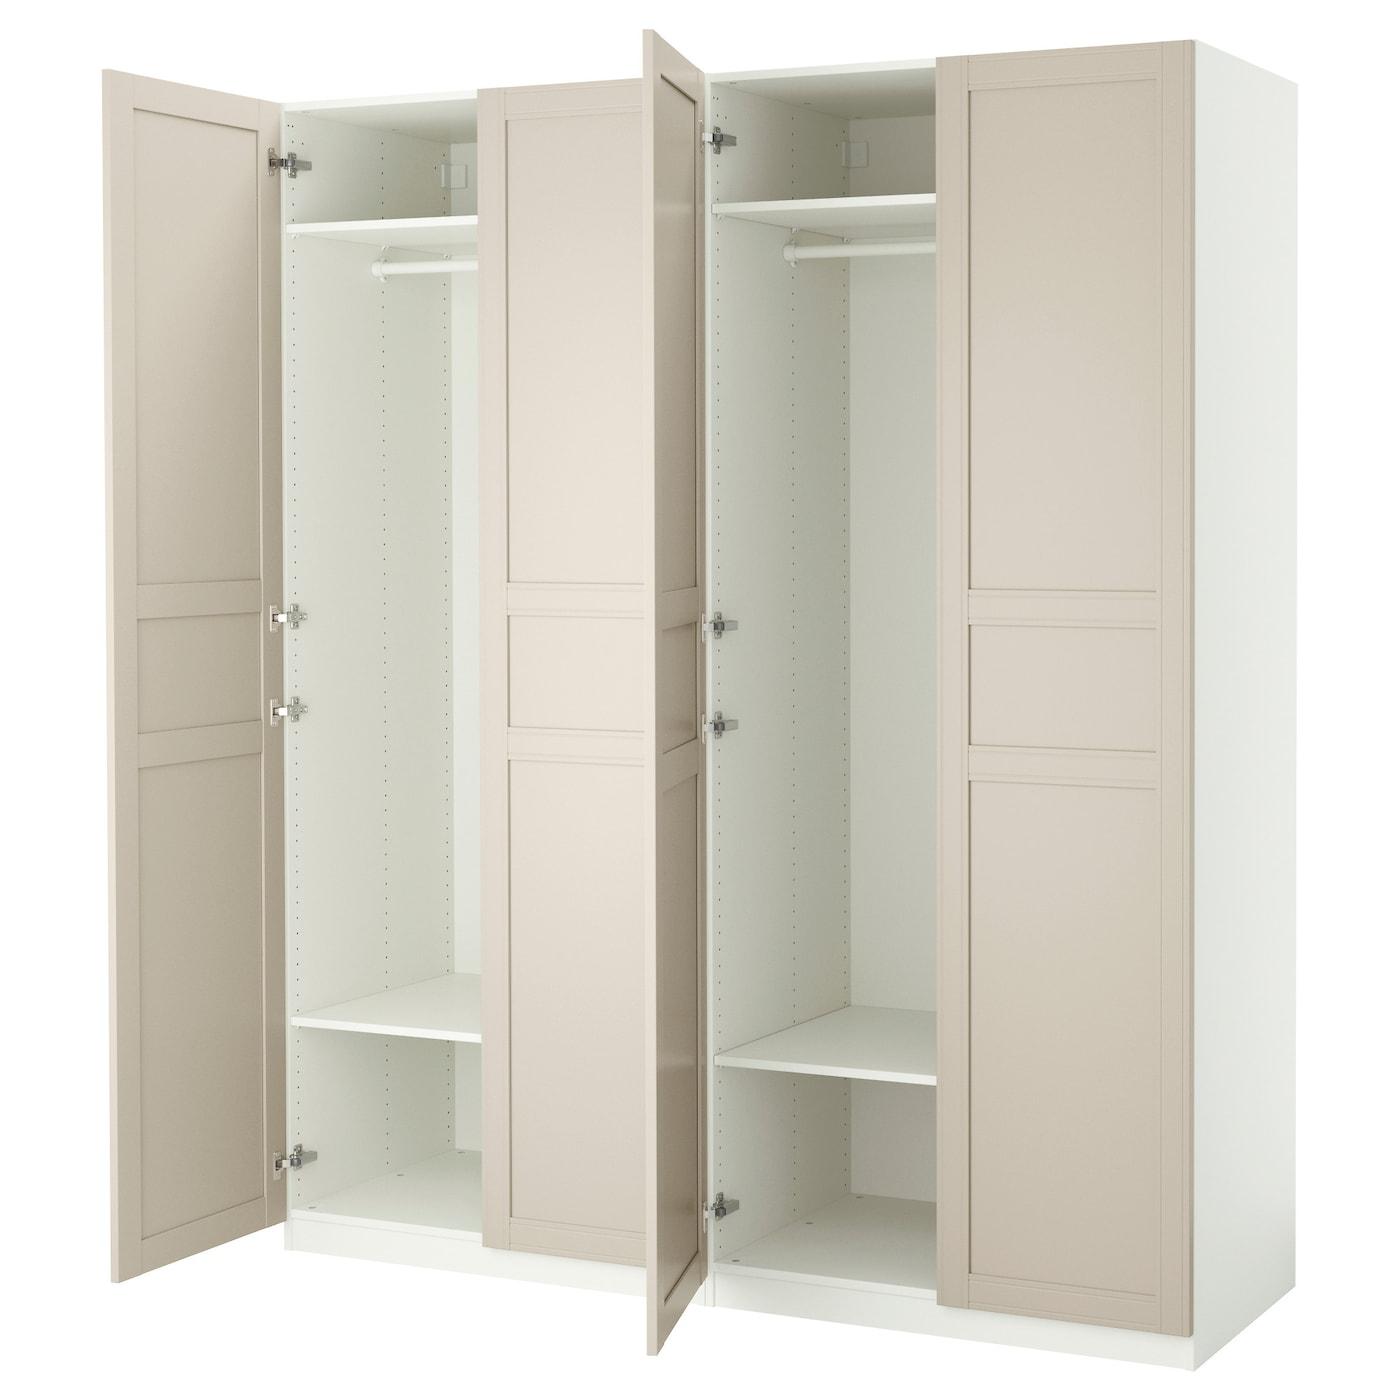 Pax armario blanco flisberget beige claro 200 x 60 x 236 cm ikea - Planificador de armarios ...